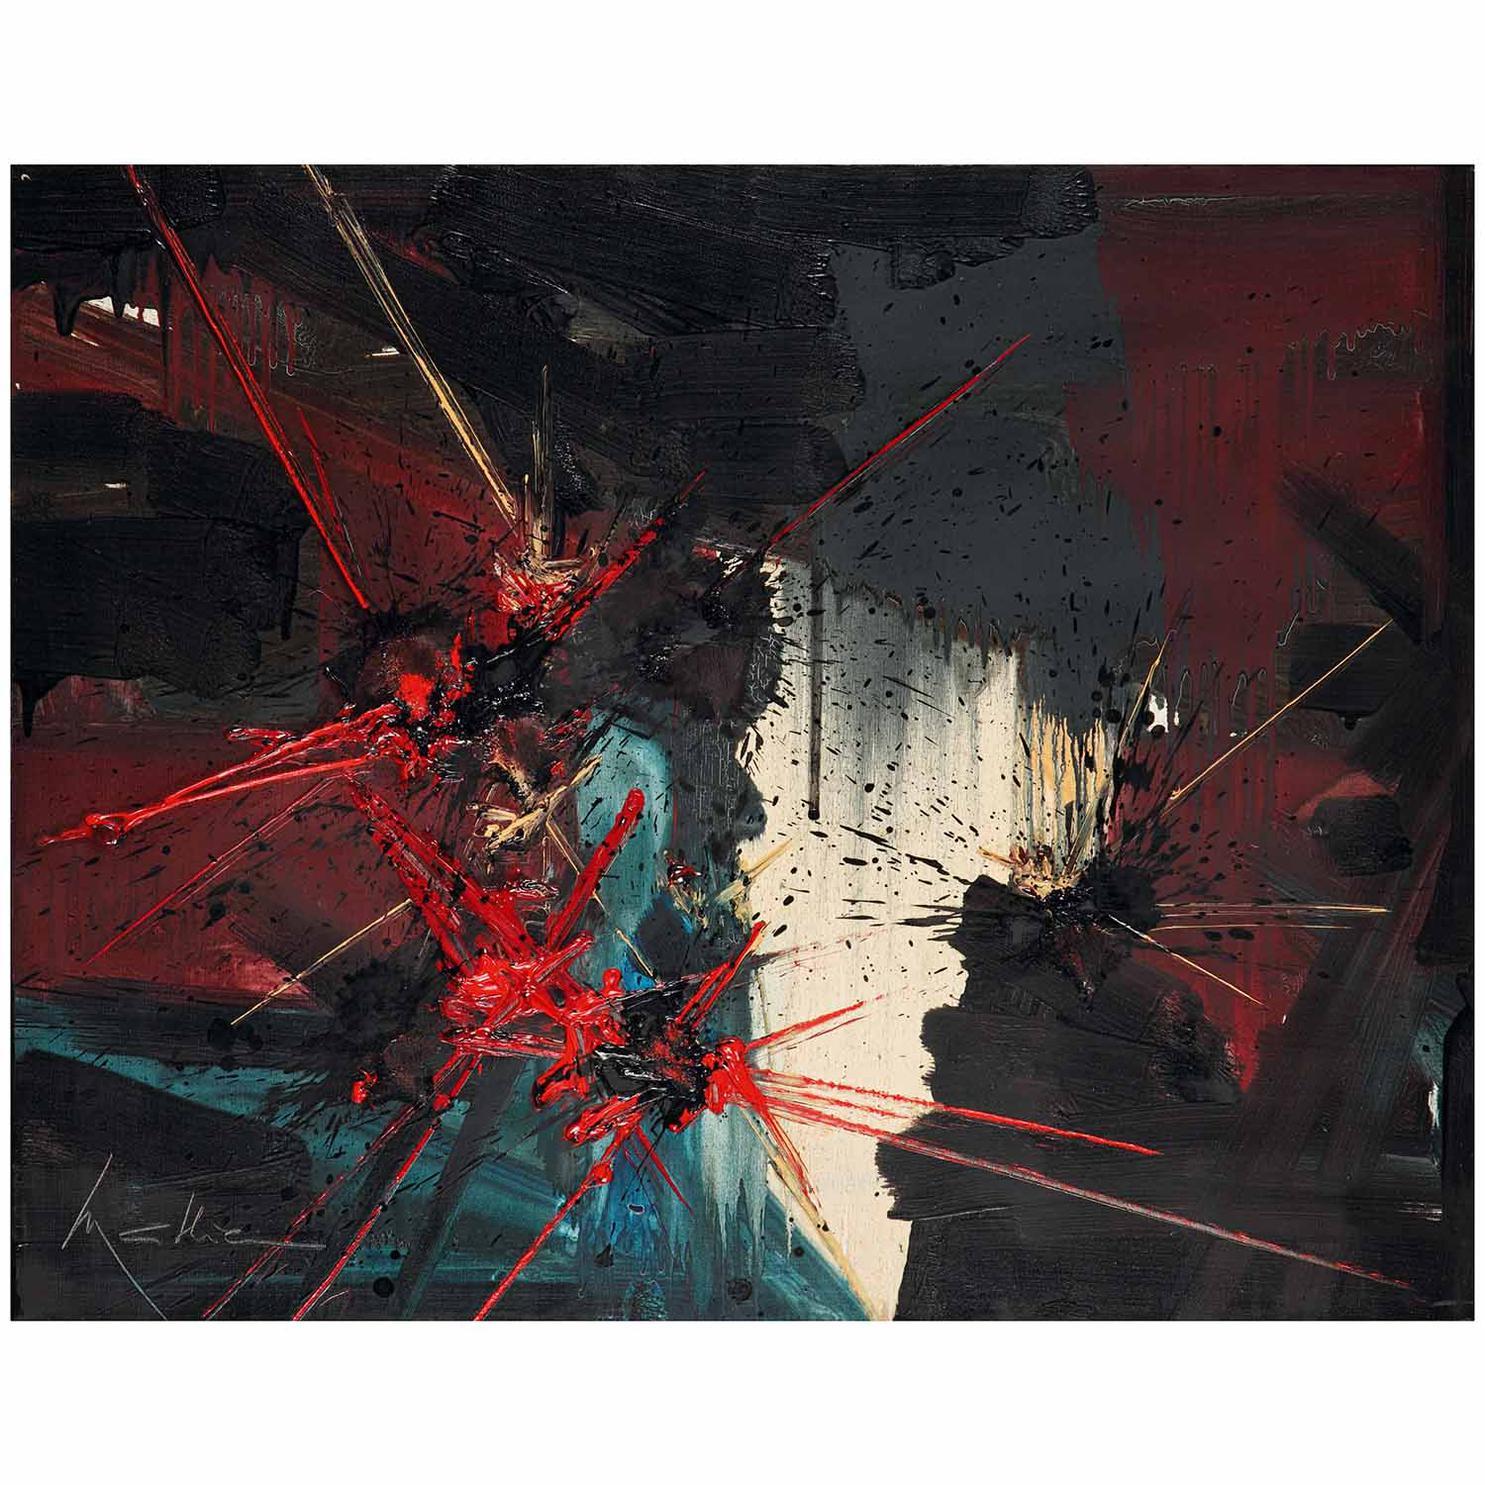 Georges Mathieu-Larmes Douces-1991